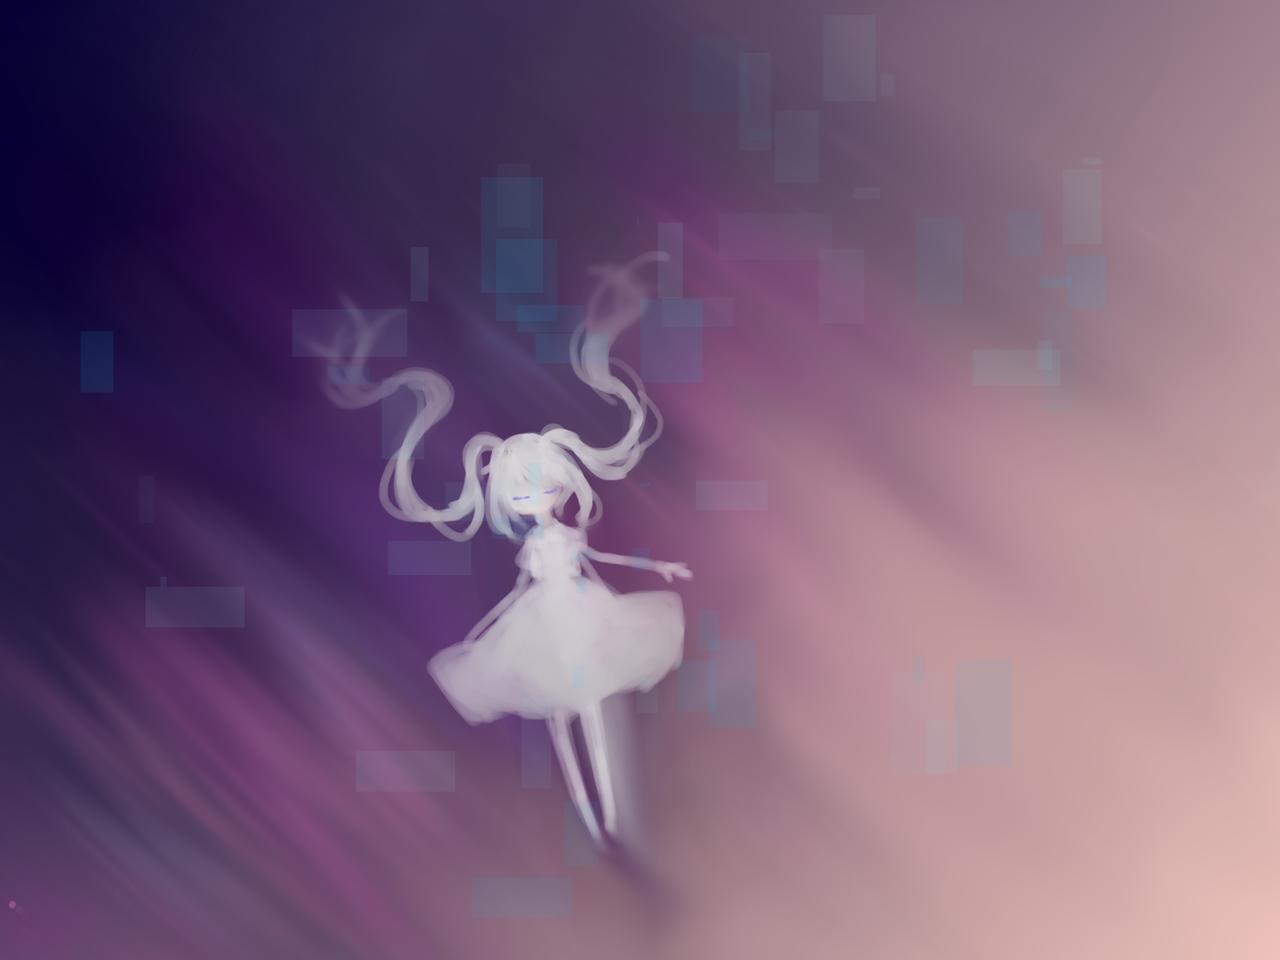 光の果てまで。 Illust of めだまやき#テスト優先期間中 光 angel background oc chibi 闇 白いワンピース kawaii digital